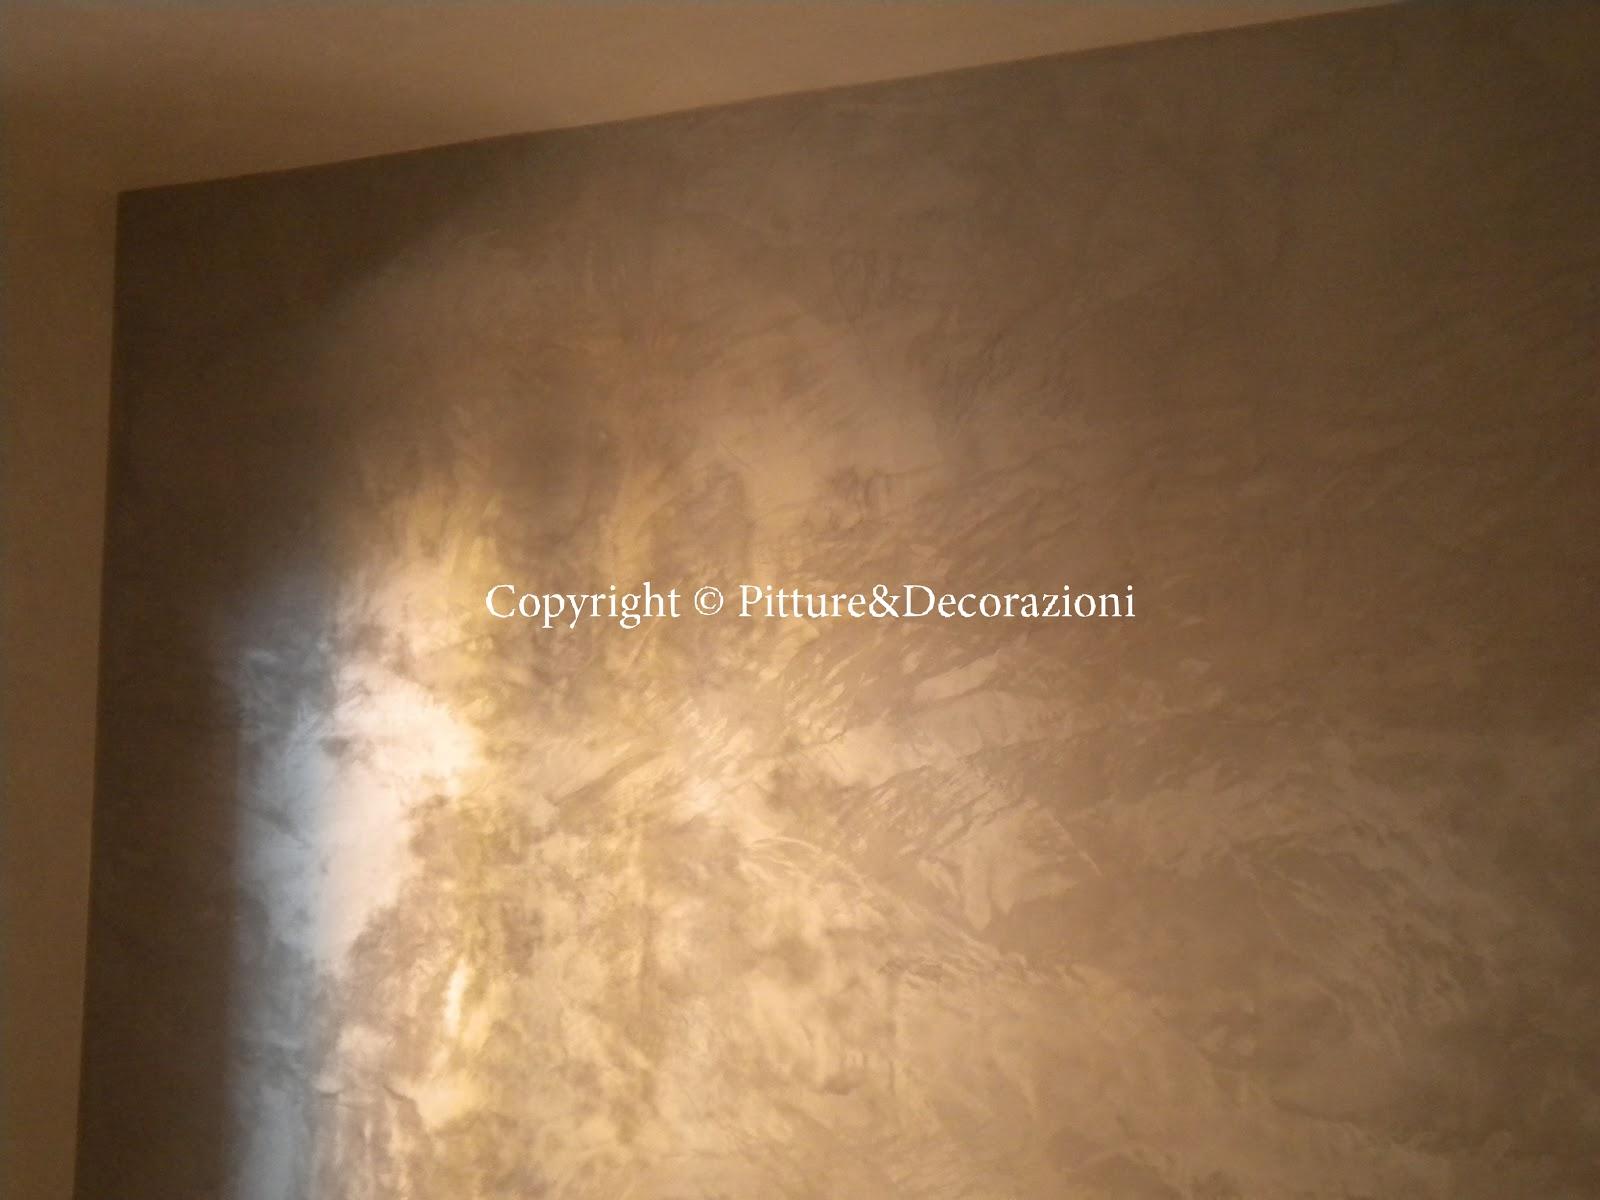 Pittura Per Pareti Del Bagno : Pittura pareti bronzo pittura per interni effetto sabbiato great